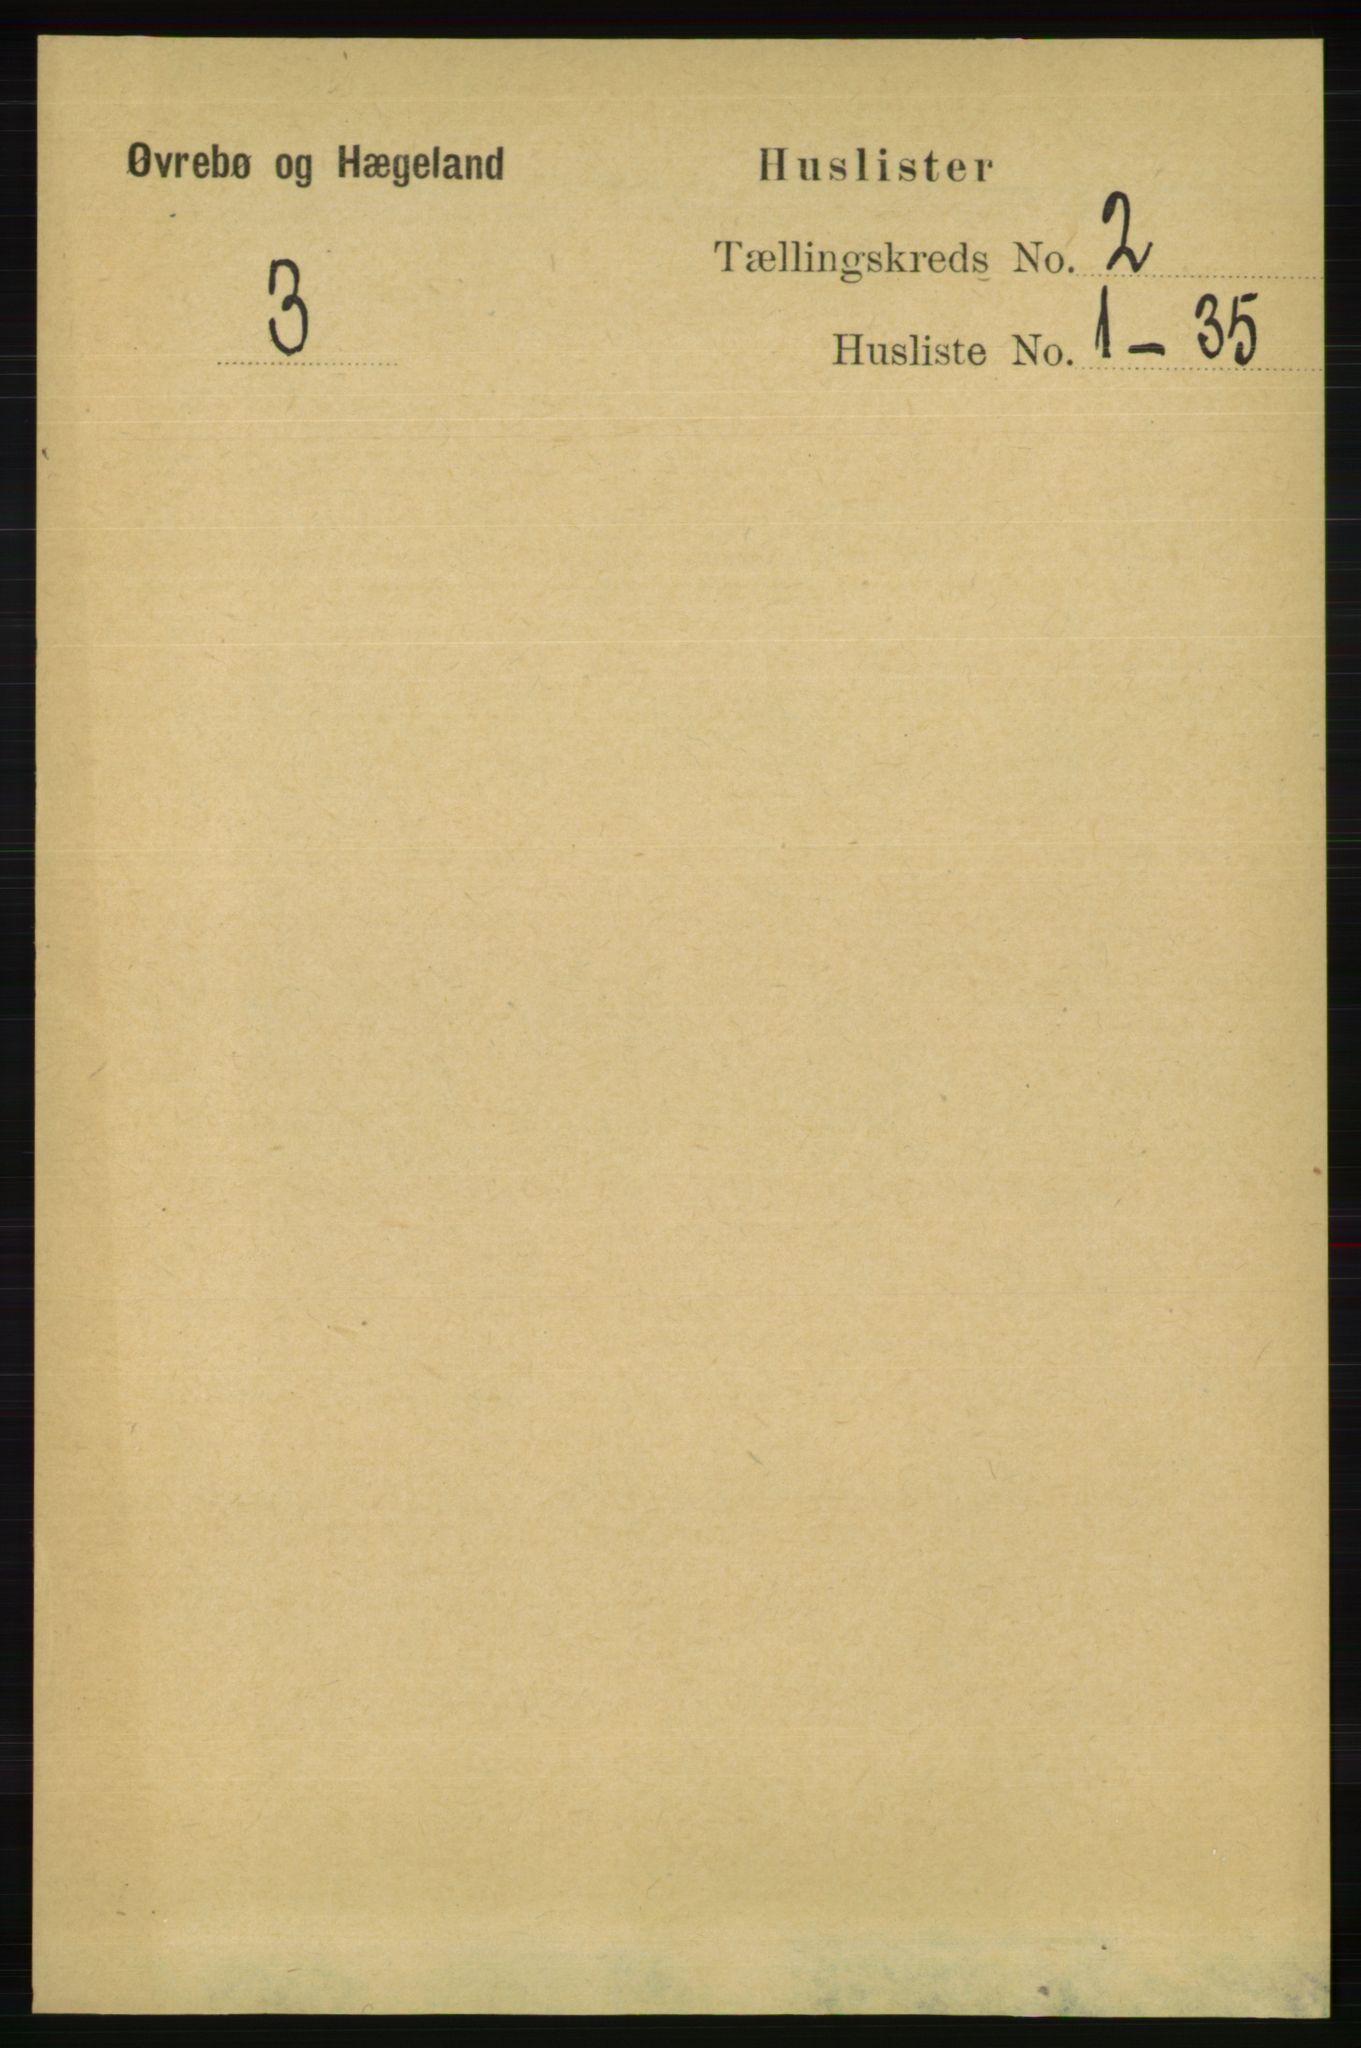 RA, Folketelling 1891 for 1016 Øvrebø og Hægeland herred, 1891, s. 281